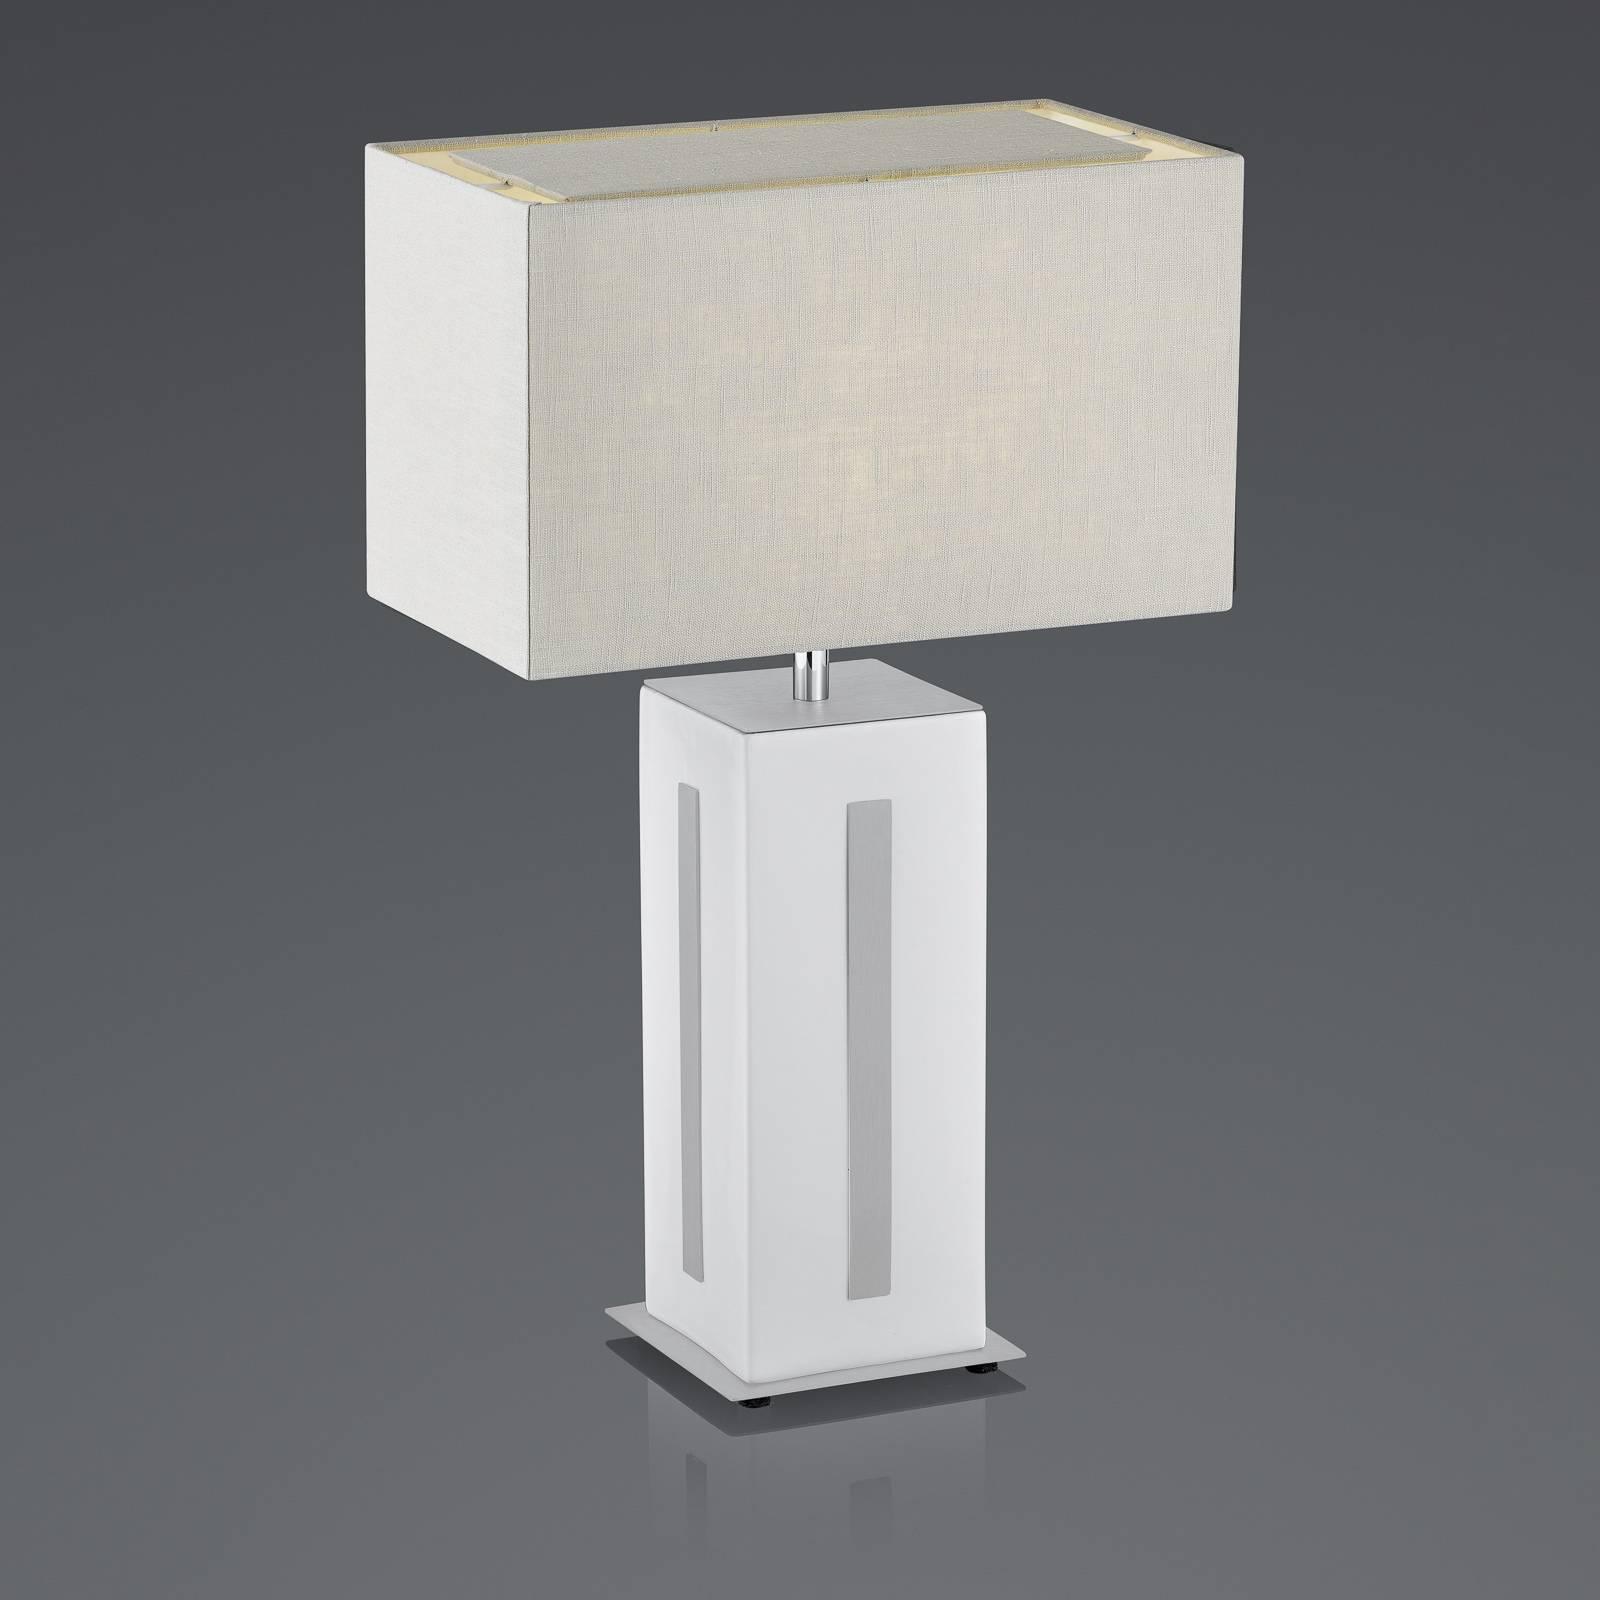 BANKAMP Karlo pöytävalaisin valkoinen/harmaa, 56cm